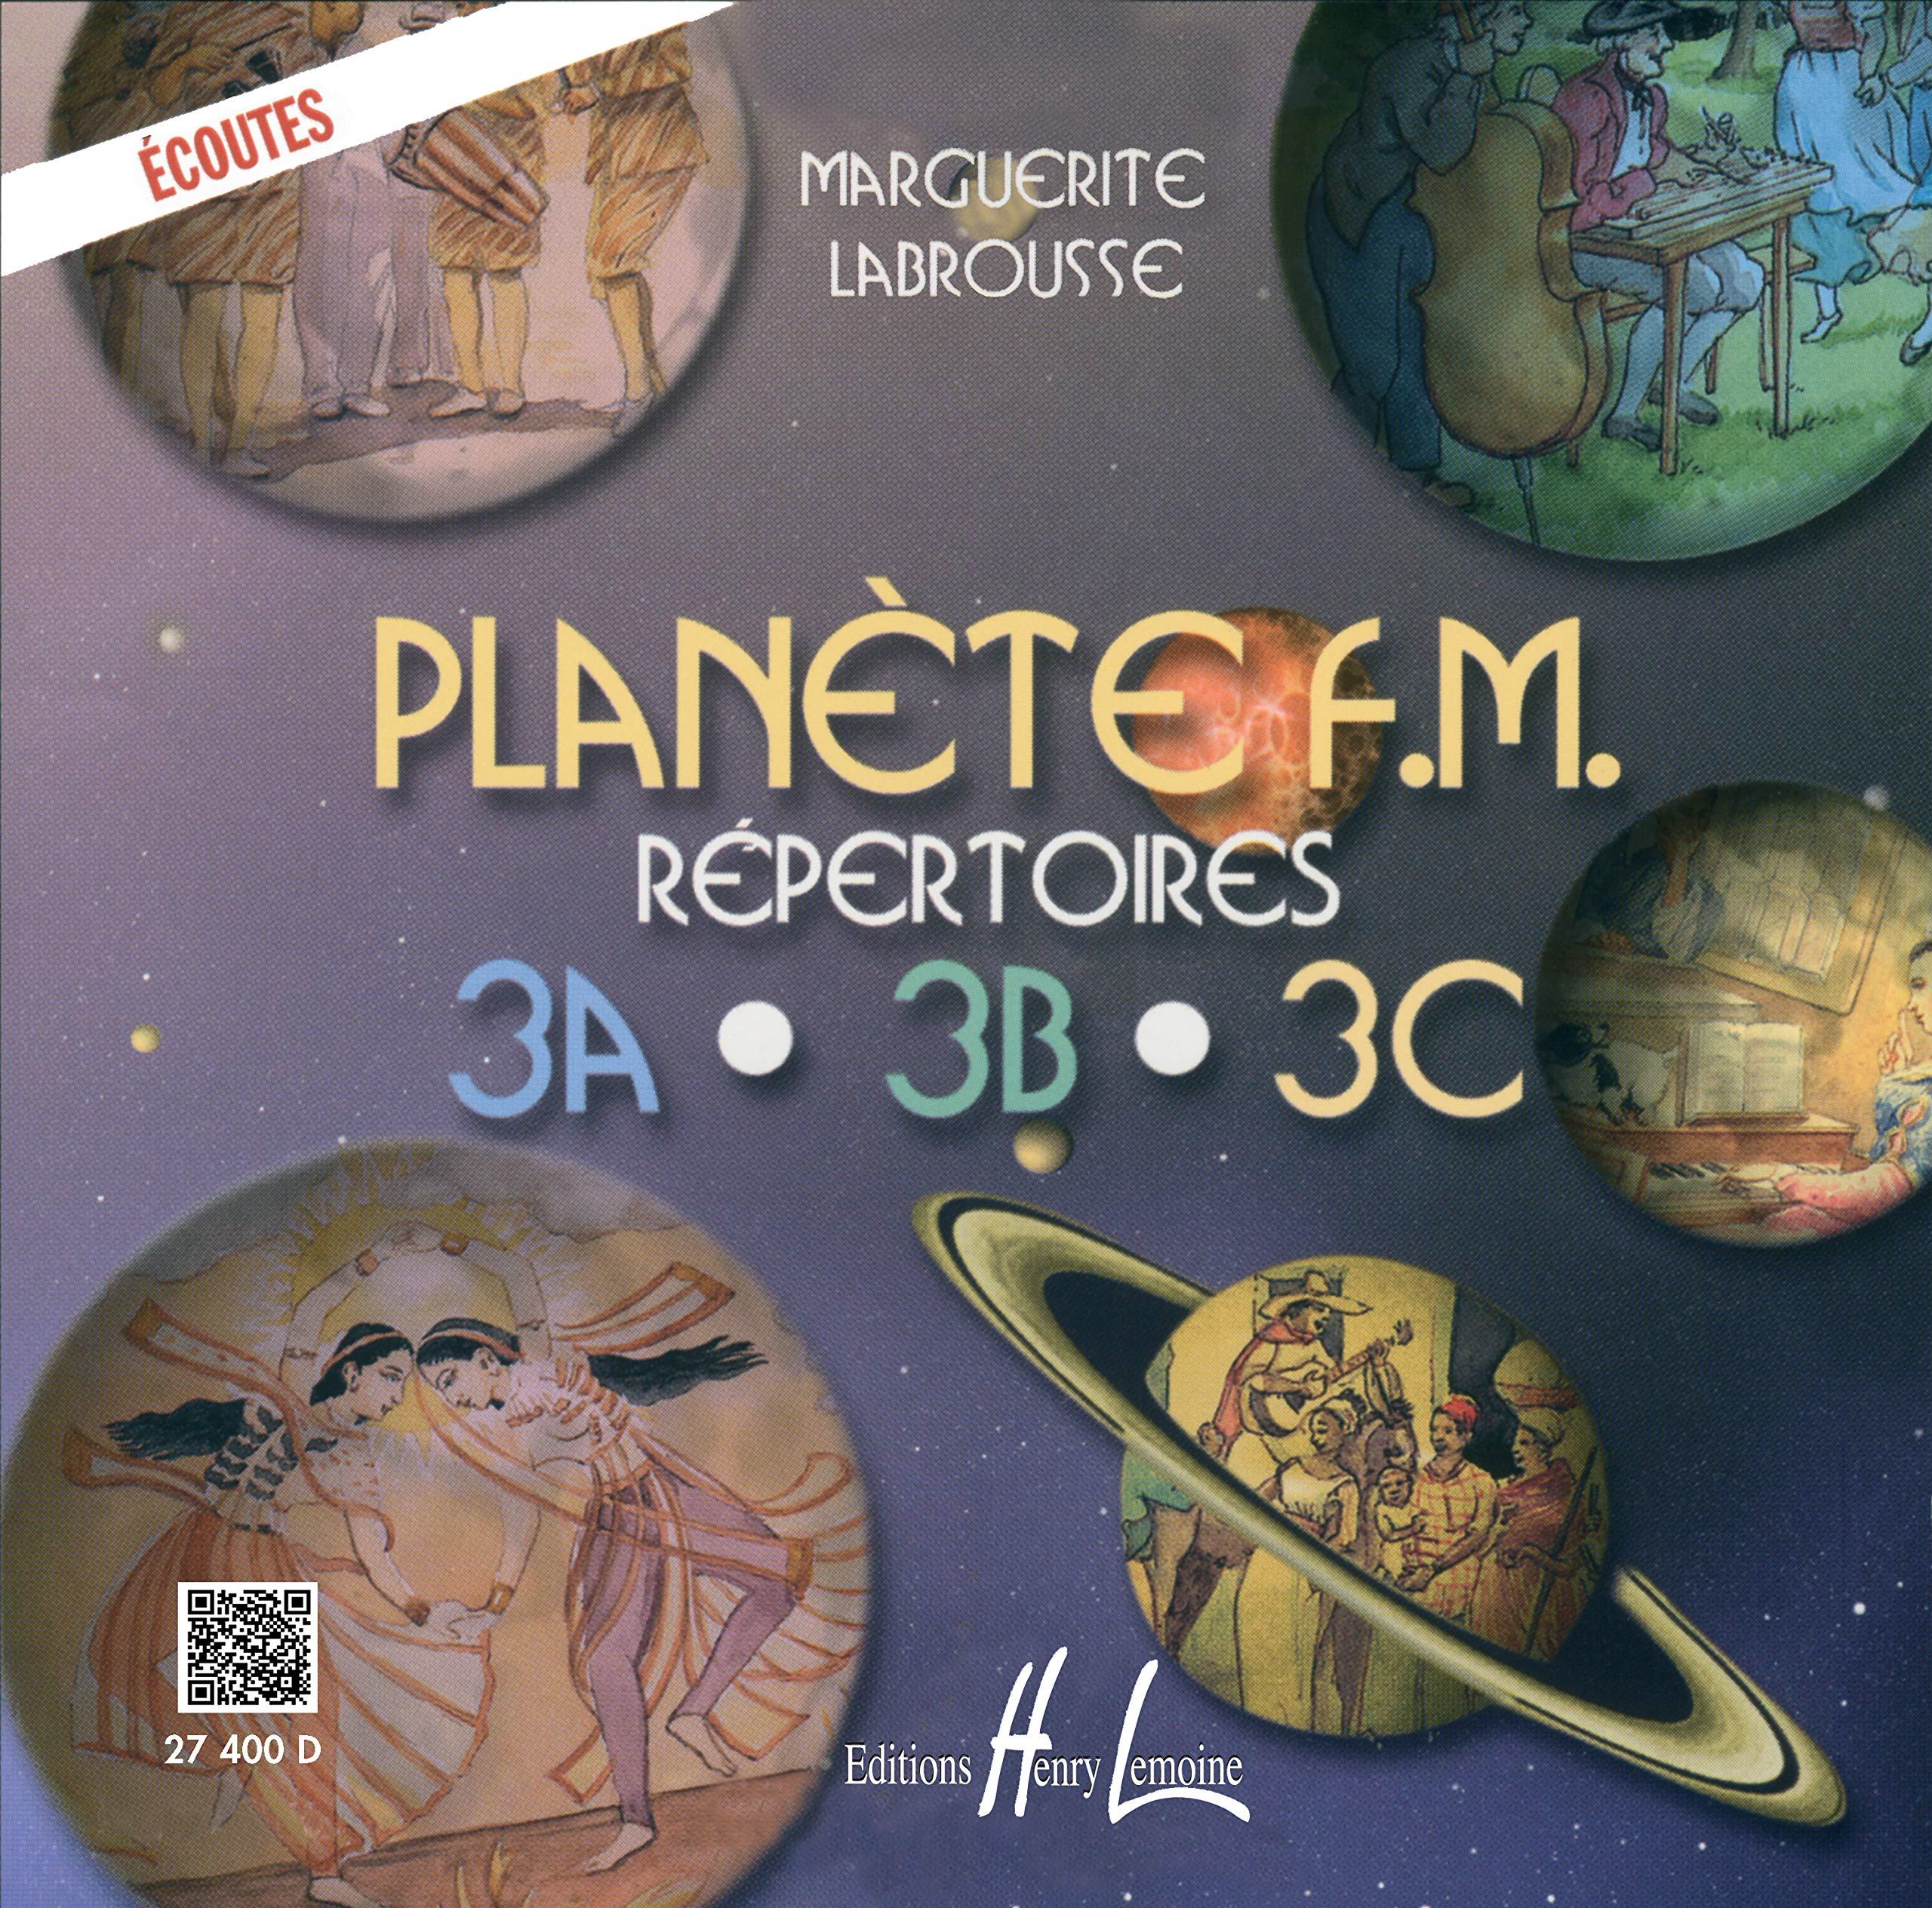 Planète F.M vol Théorie  Marguerite Labrousse  Édition Lemoine 1B Répertoire